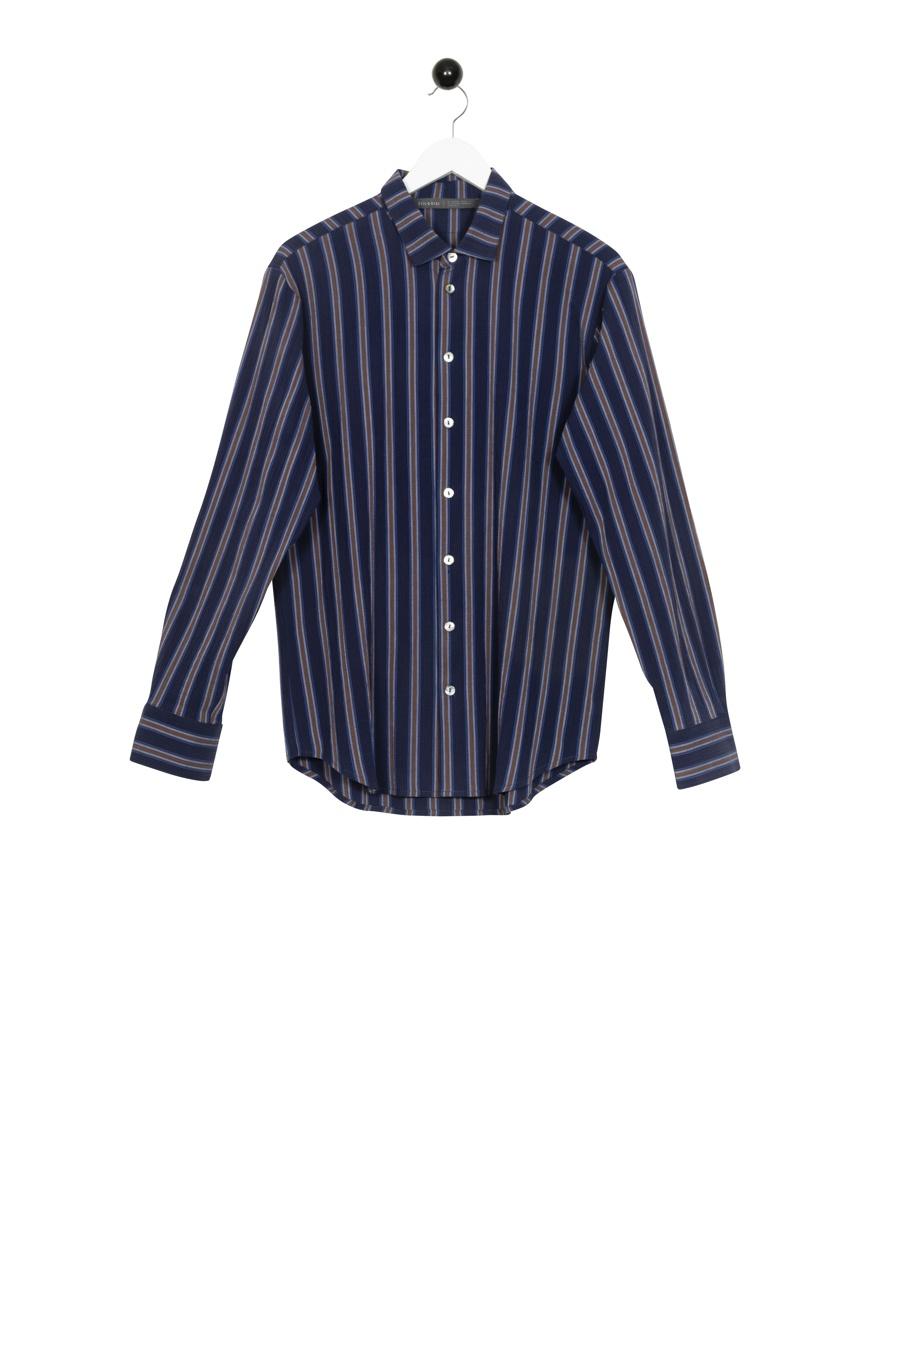 Hornstull Shirt